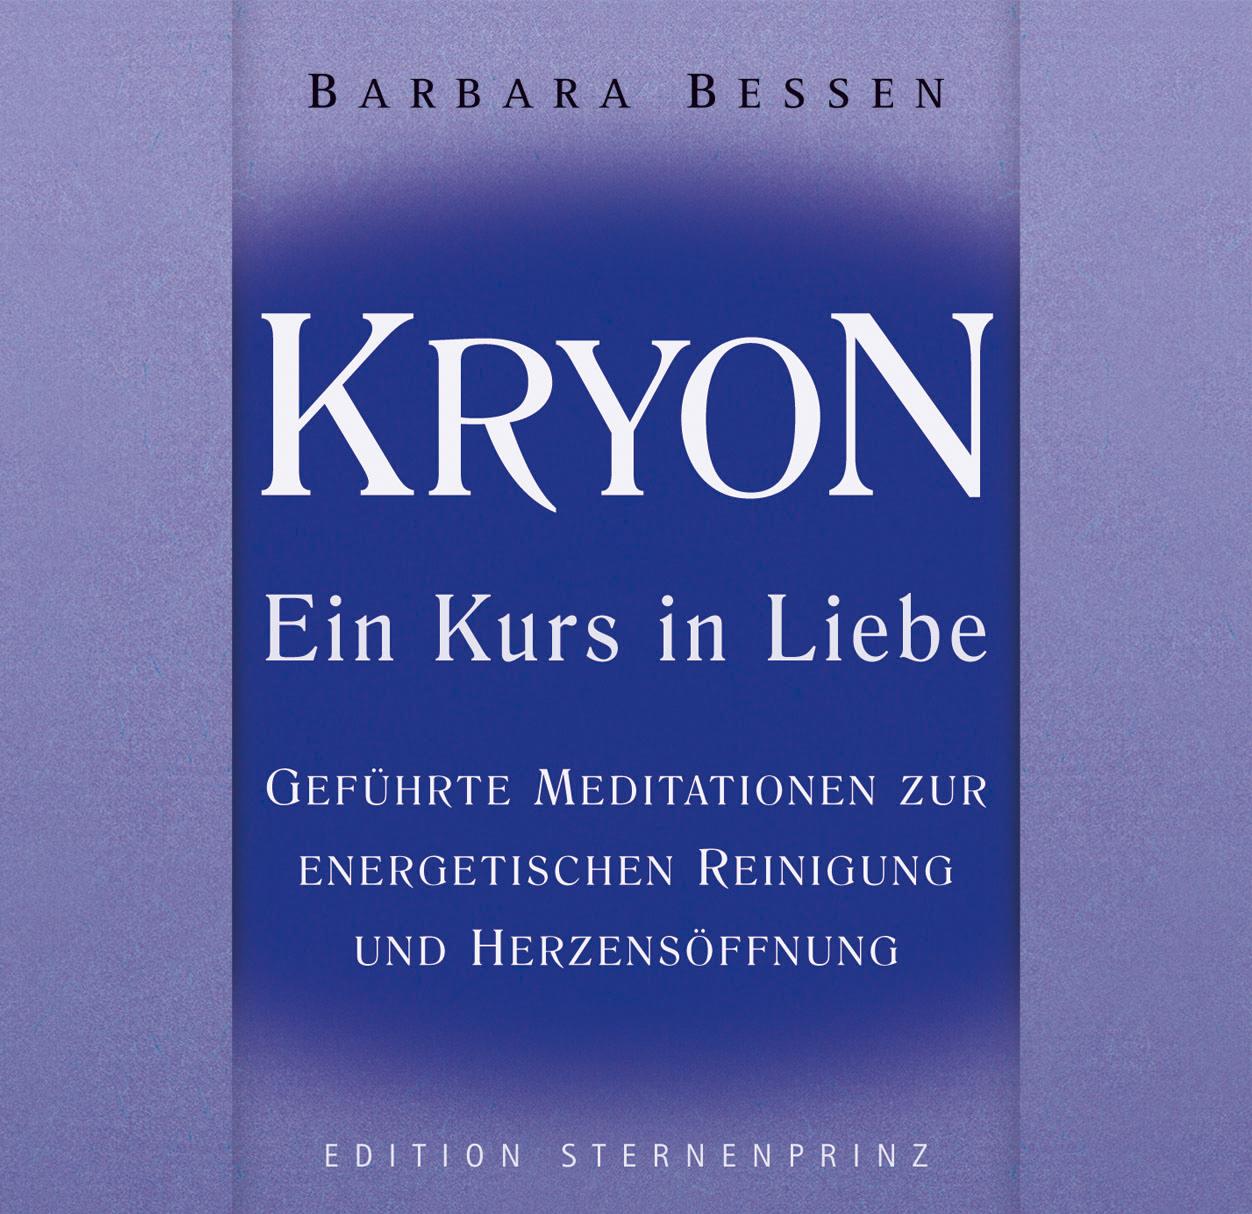 Meditationen zur preisvergleich for Arne herrmann